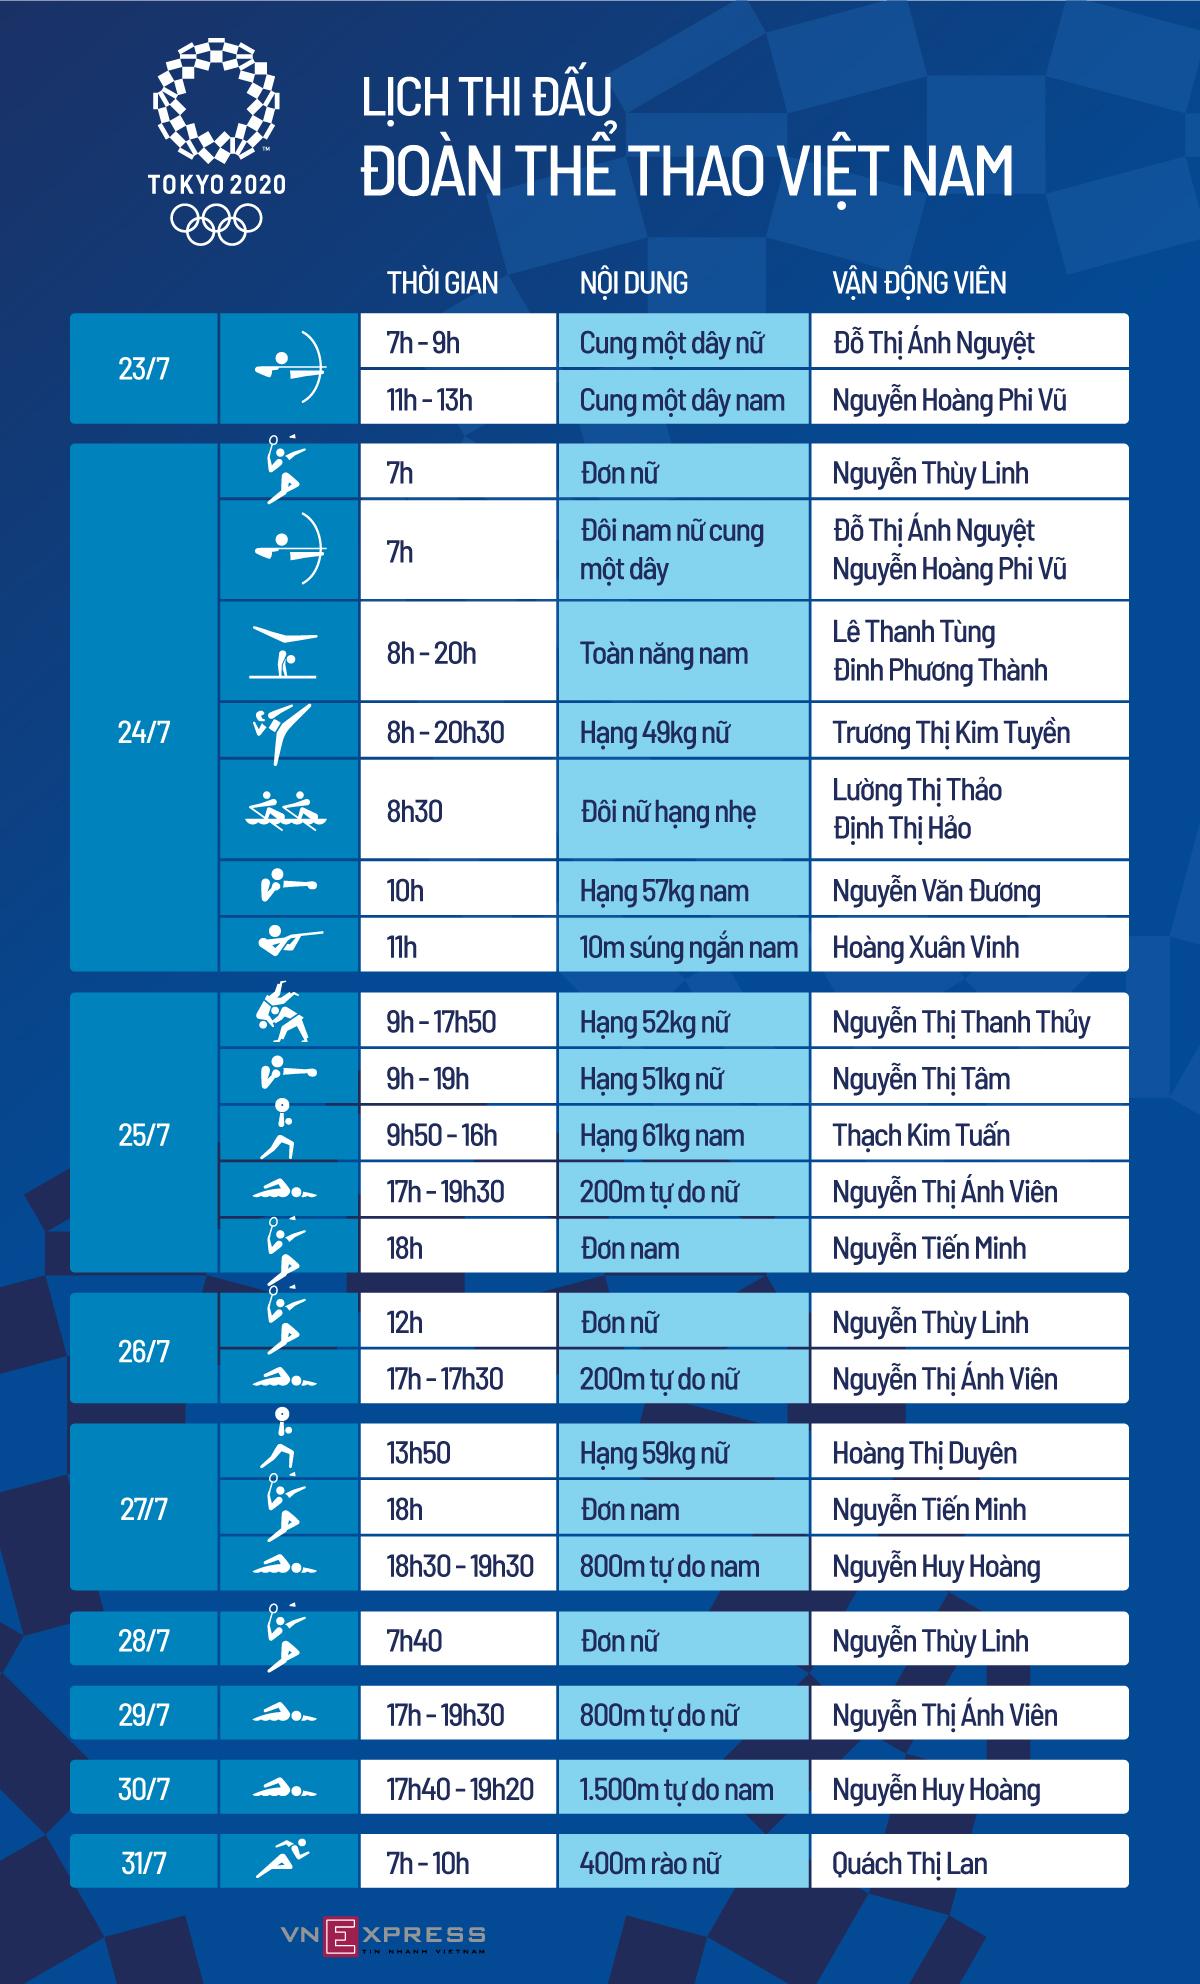 Võ sĩ Kim Tuyền - nhà vô địch châu Á bước ra Olympic - 1